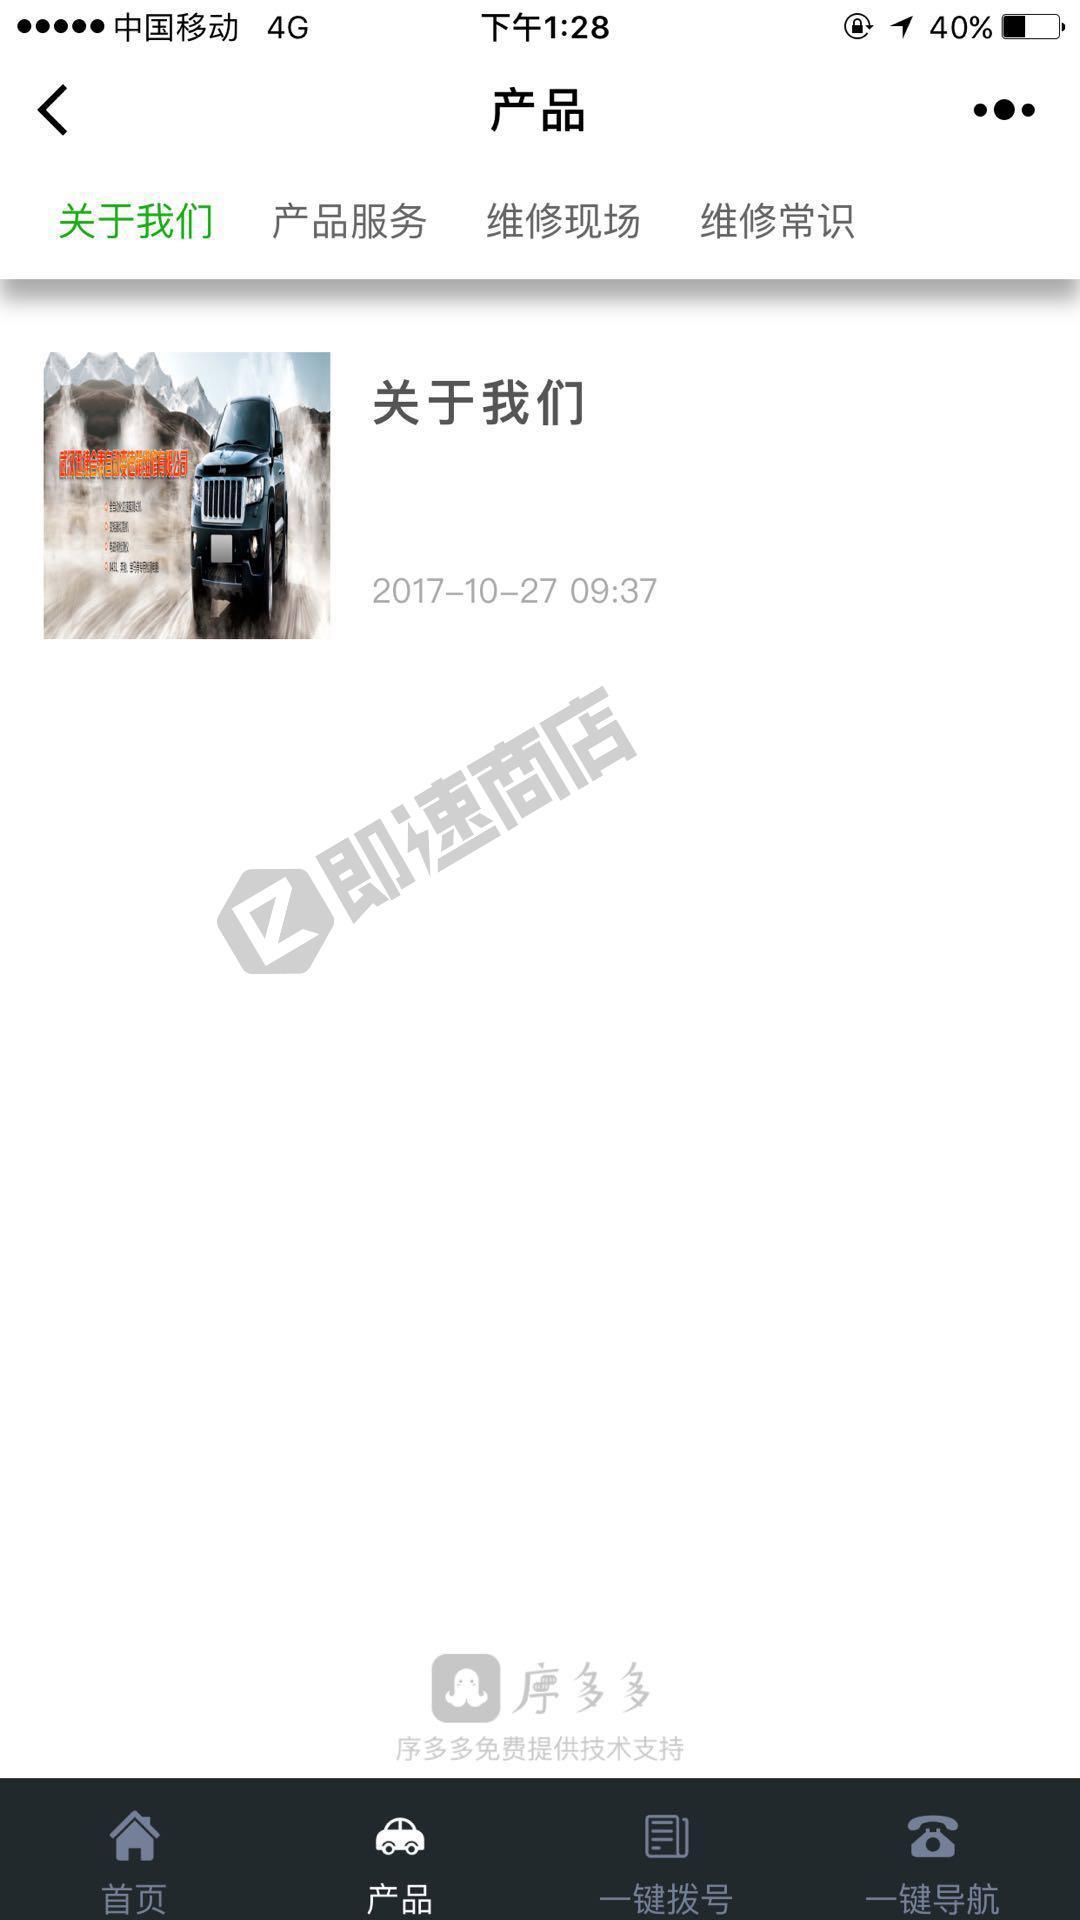 武汉变速箱维修小程序详情页截图